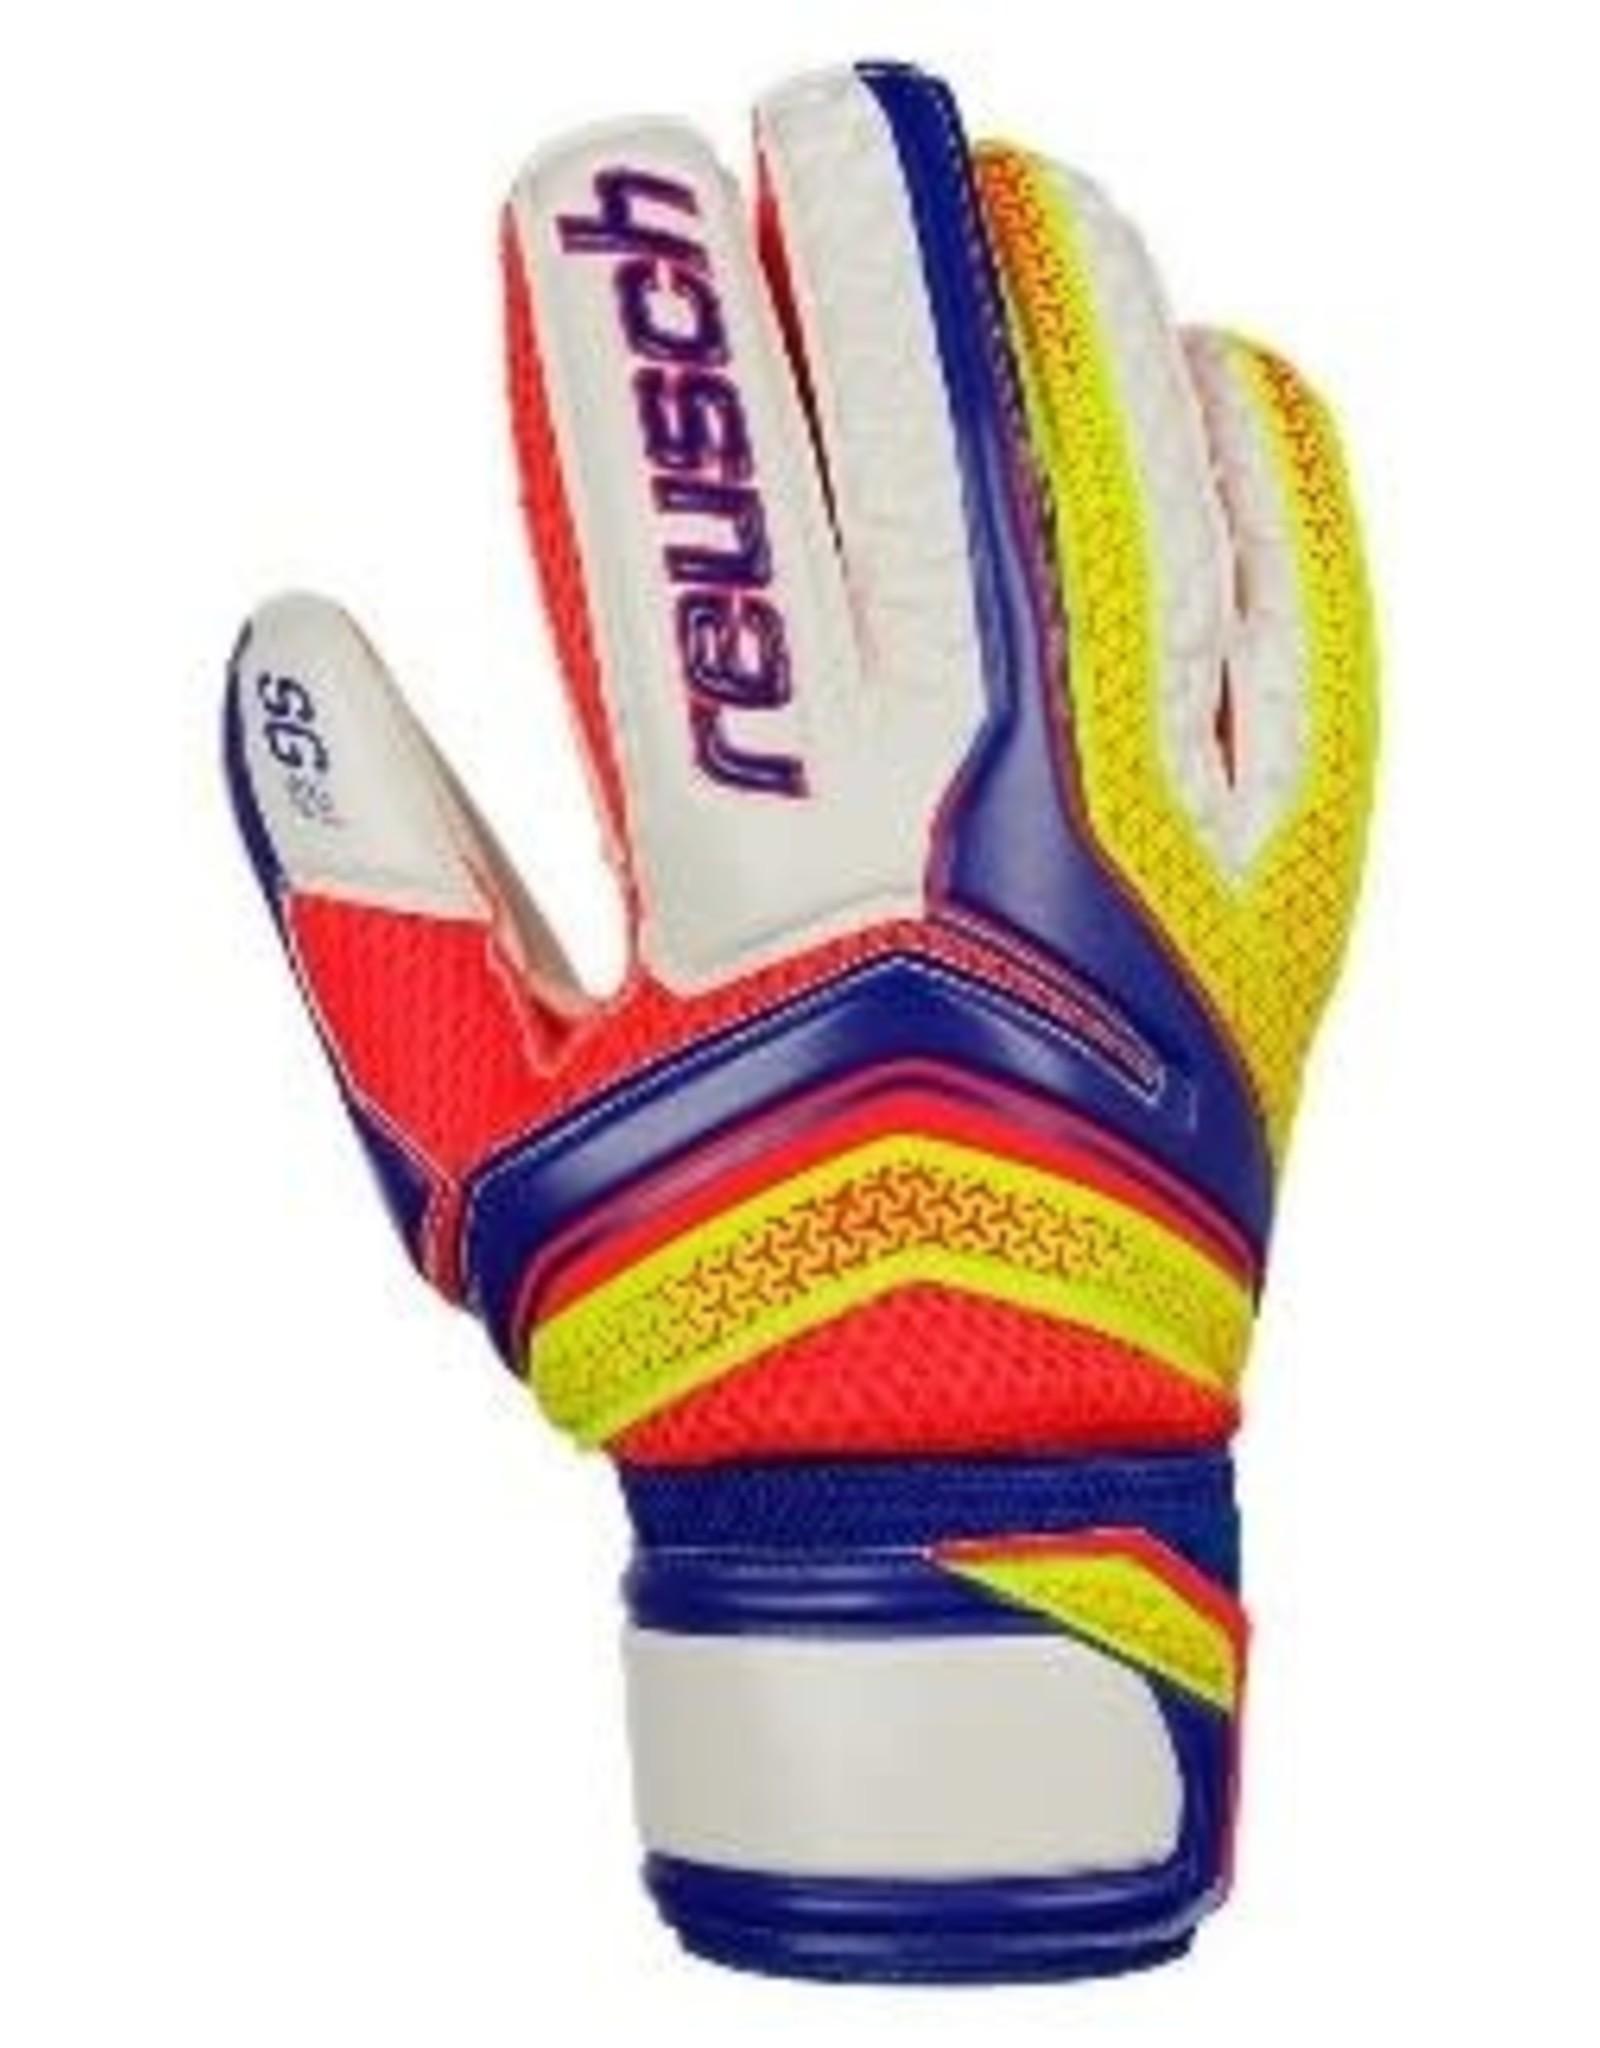 Reusch Reusch Receptor Serathor Junior Goalkeeper Glove